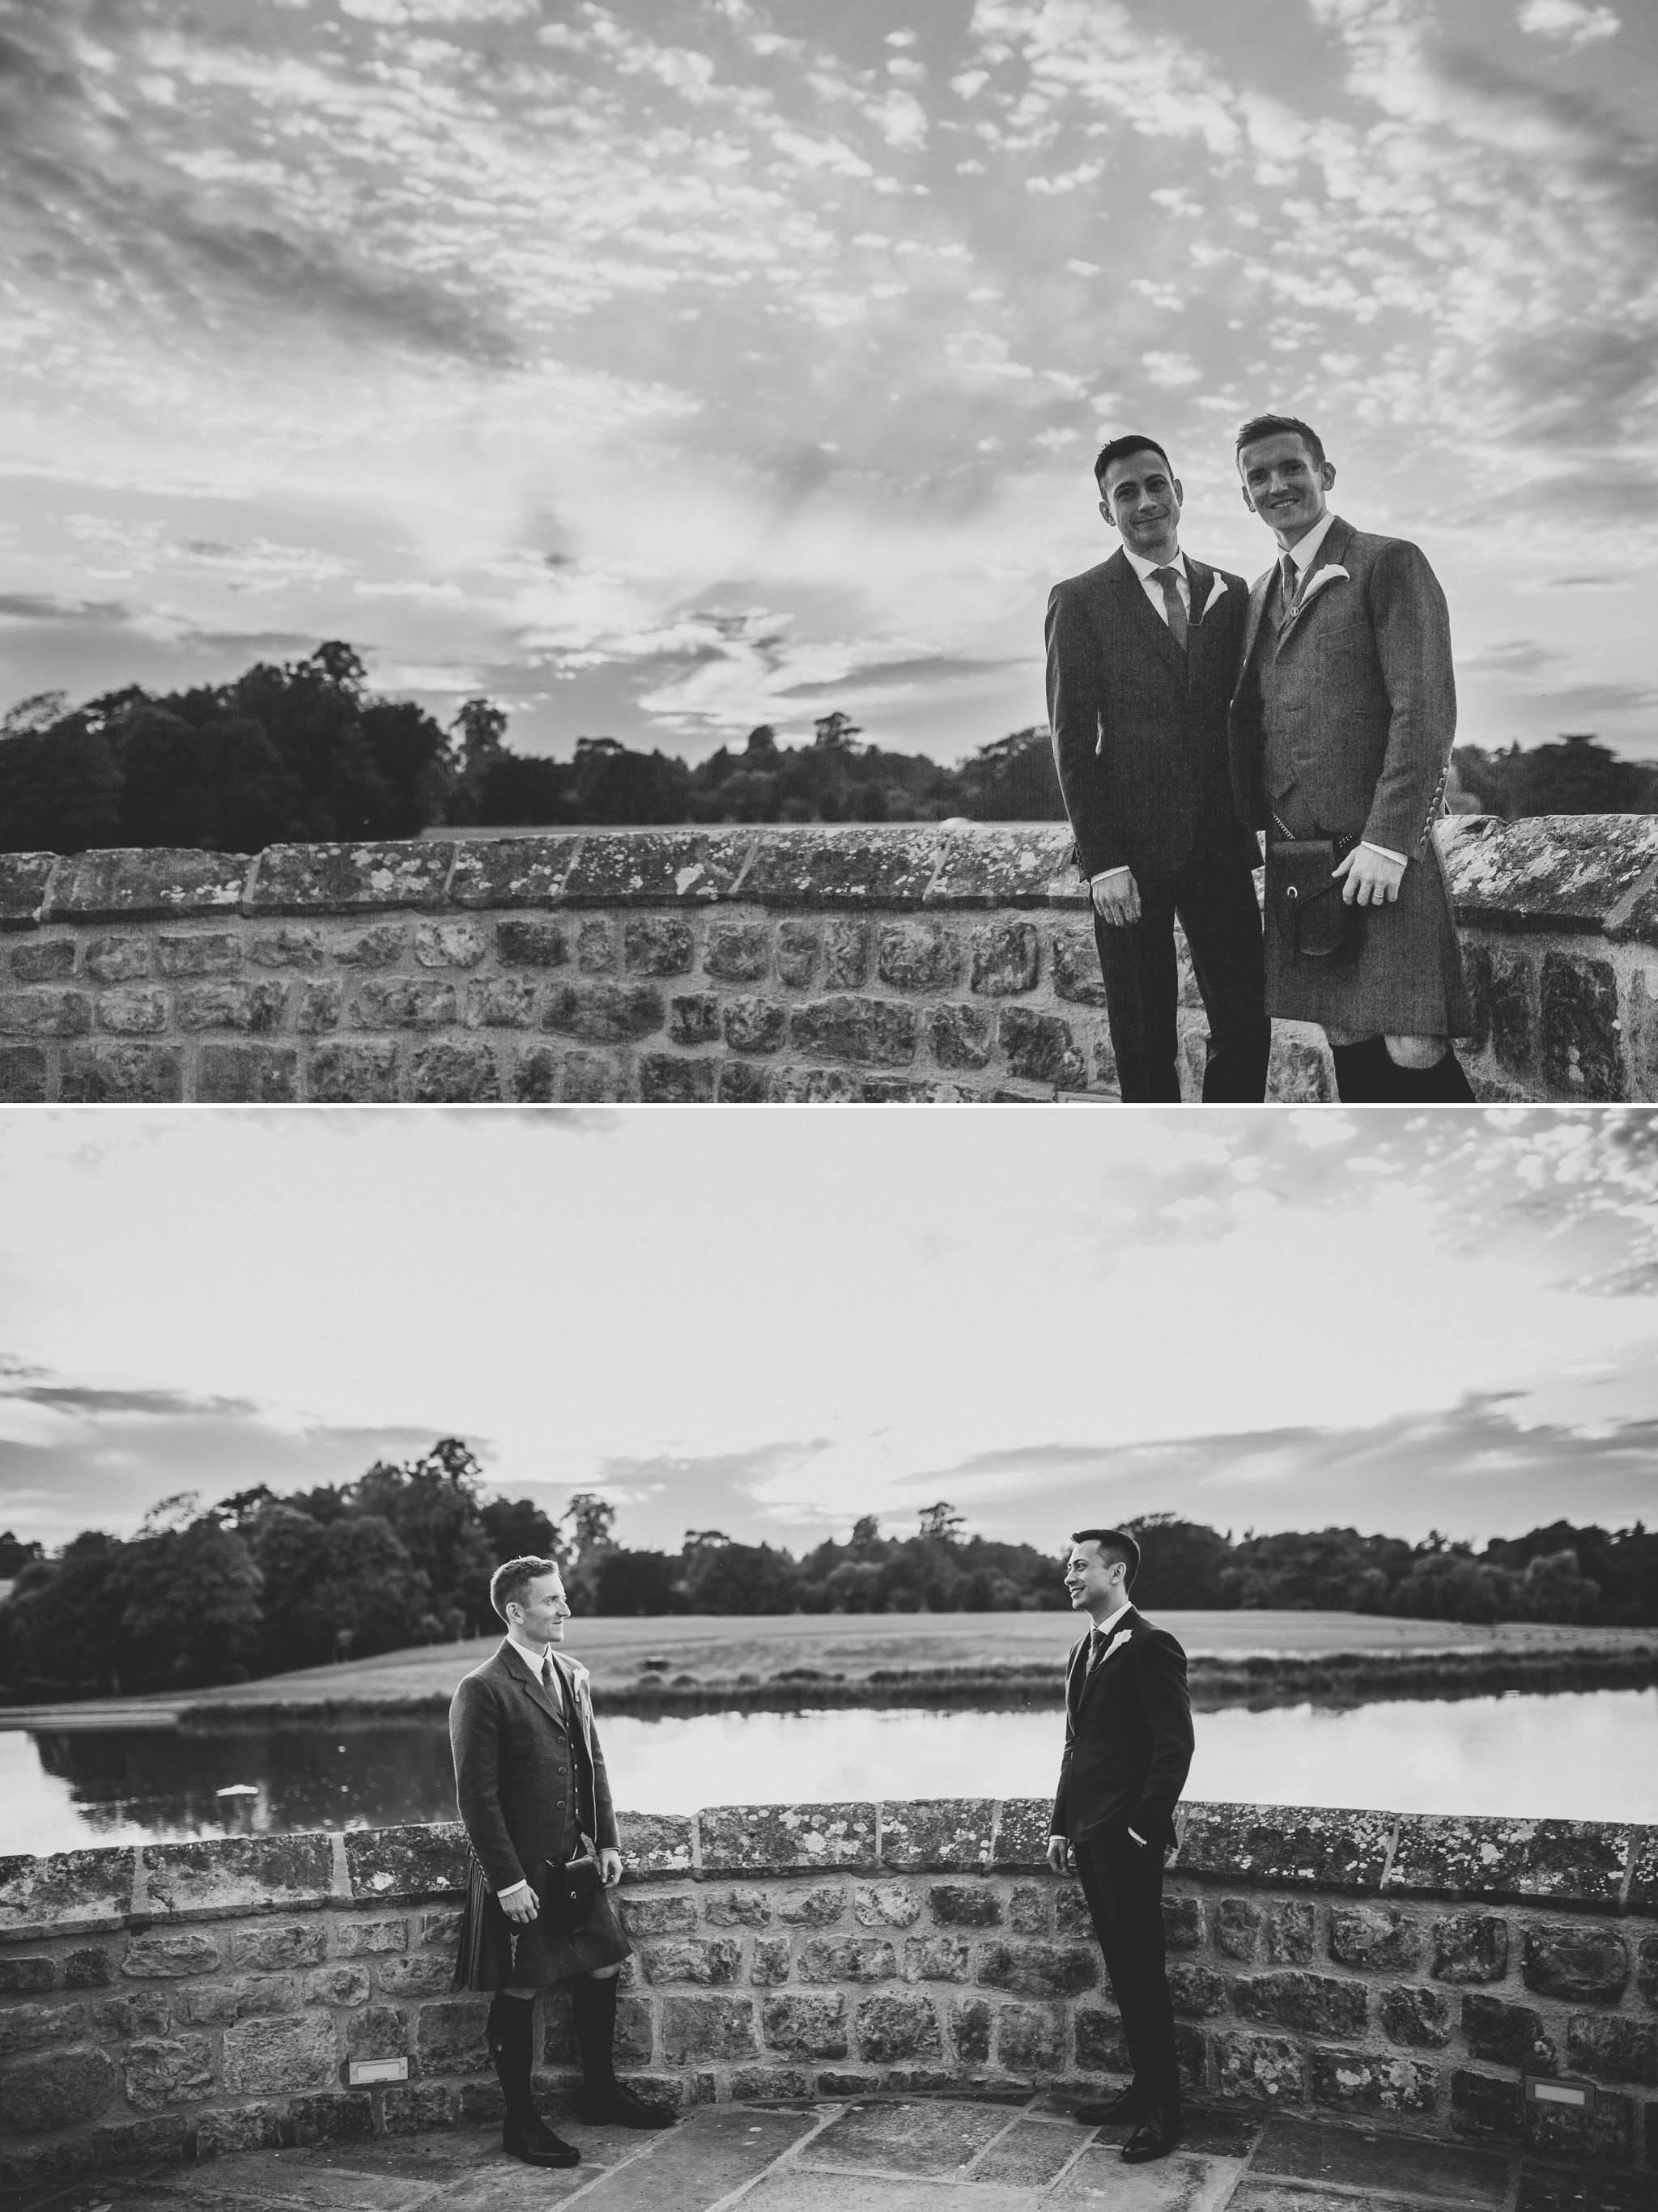 leeds-castle-wedding-photography 32.jpg